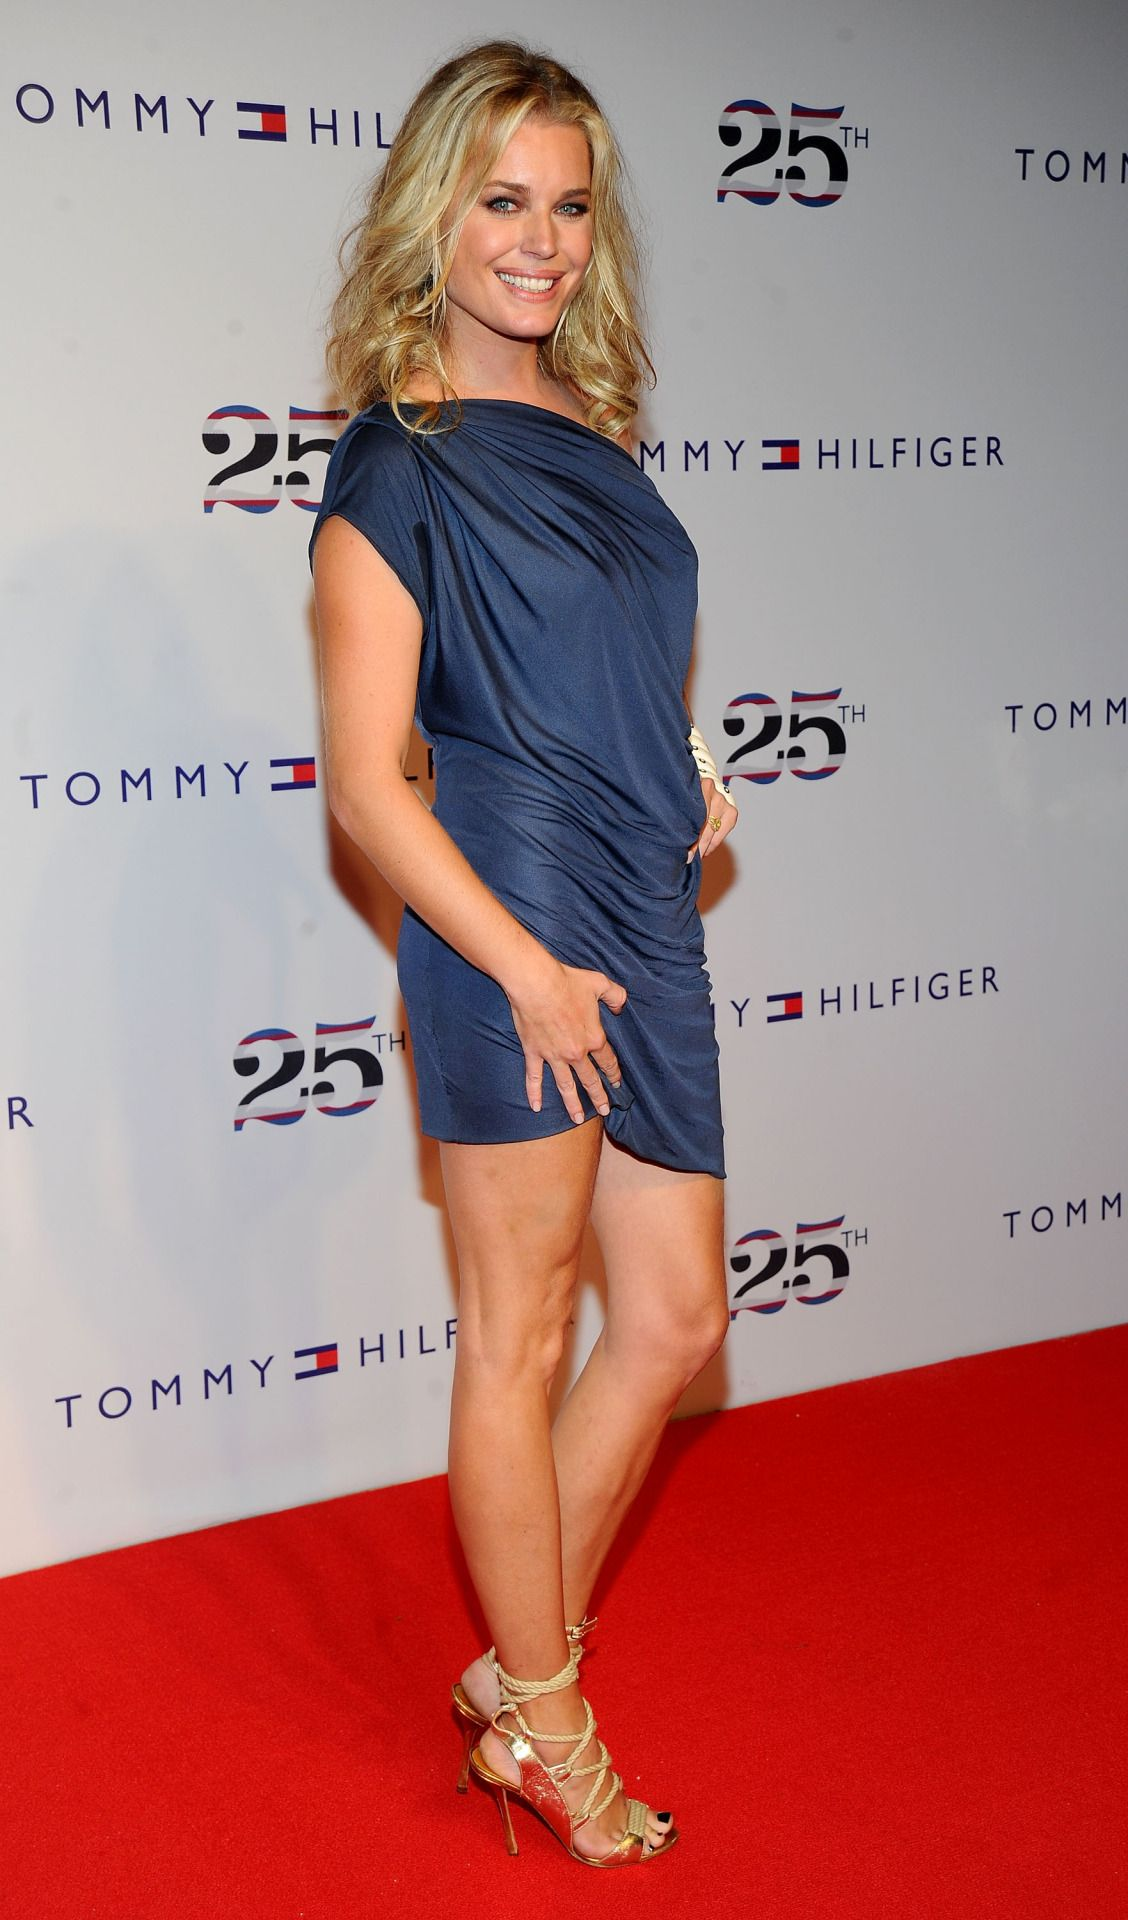 Rebecca Romijn Showing Off Her Hot Legs In A Mini Dress